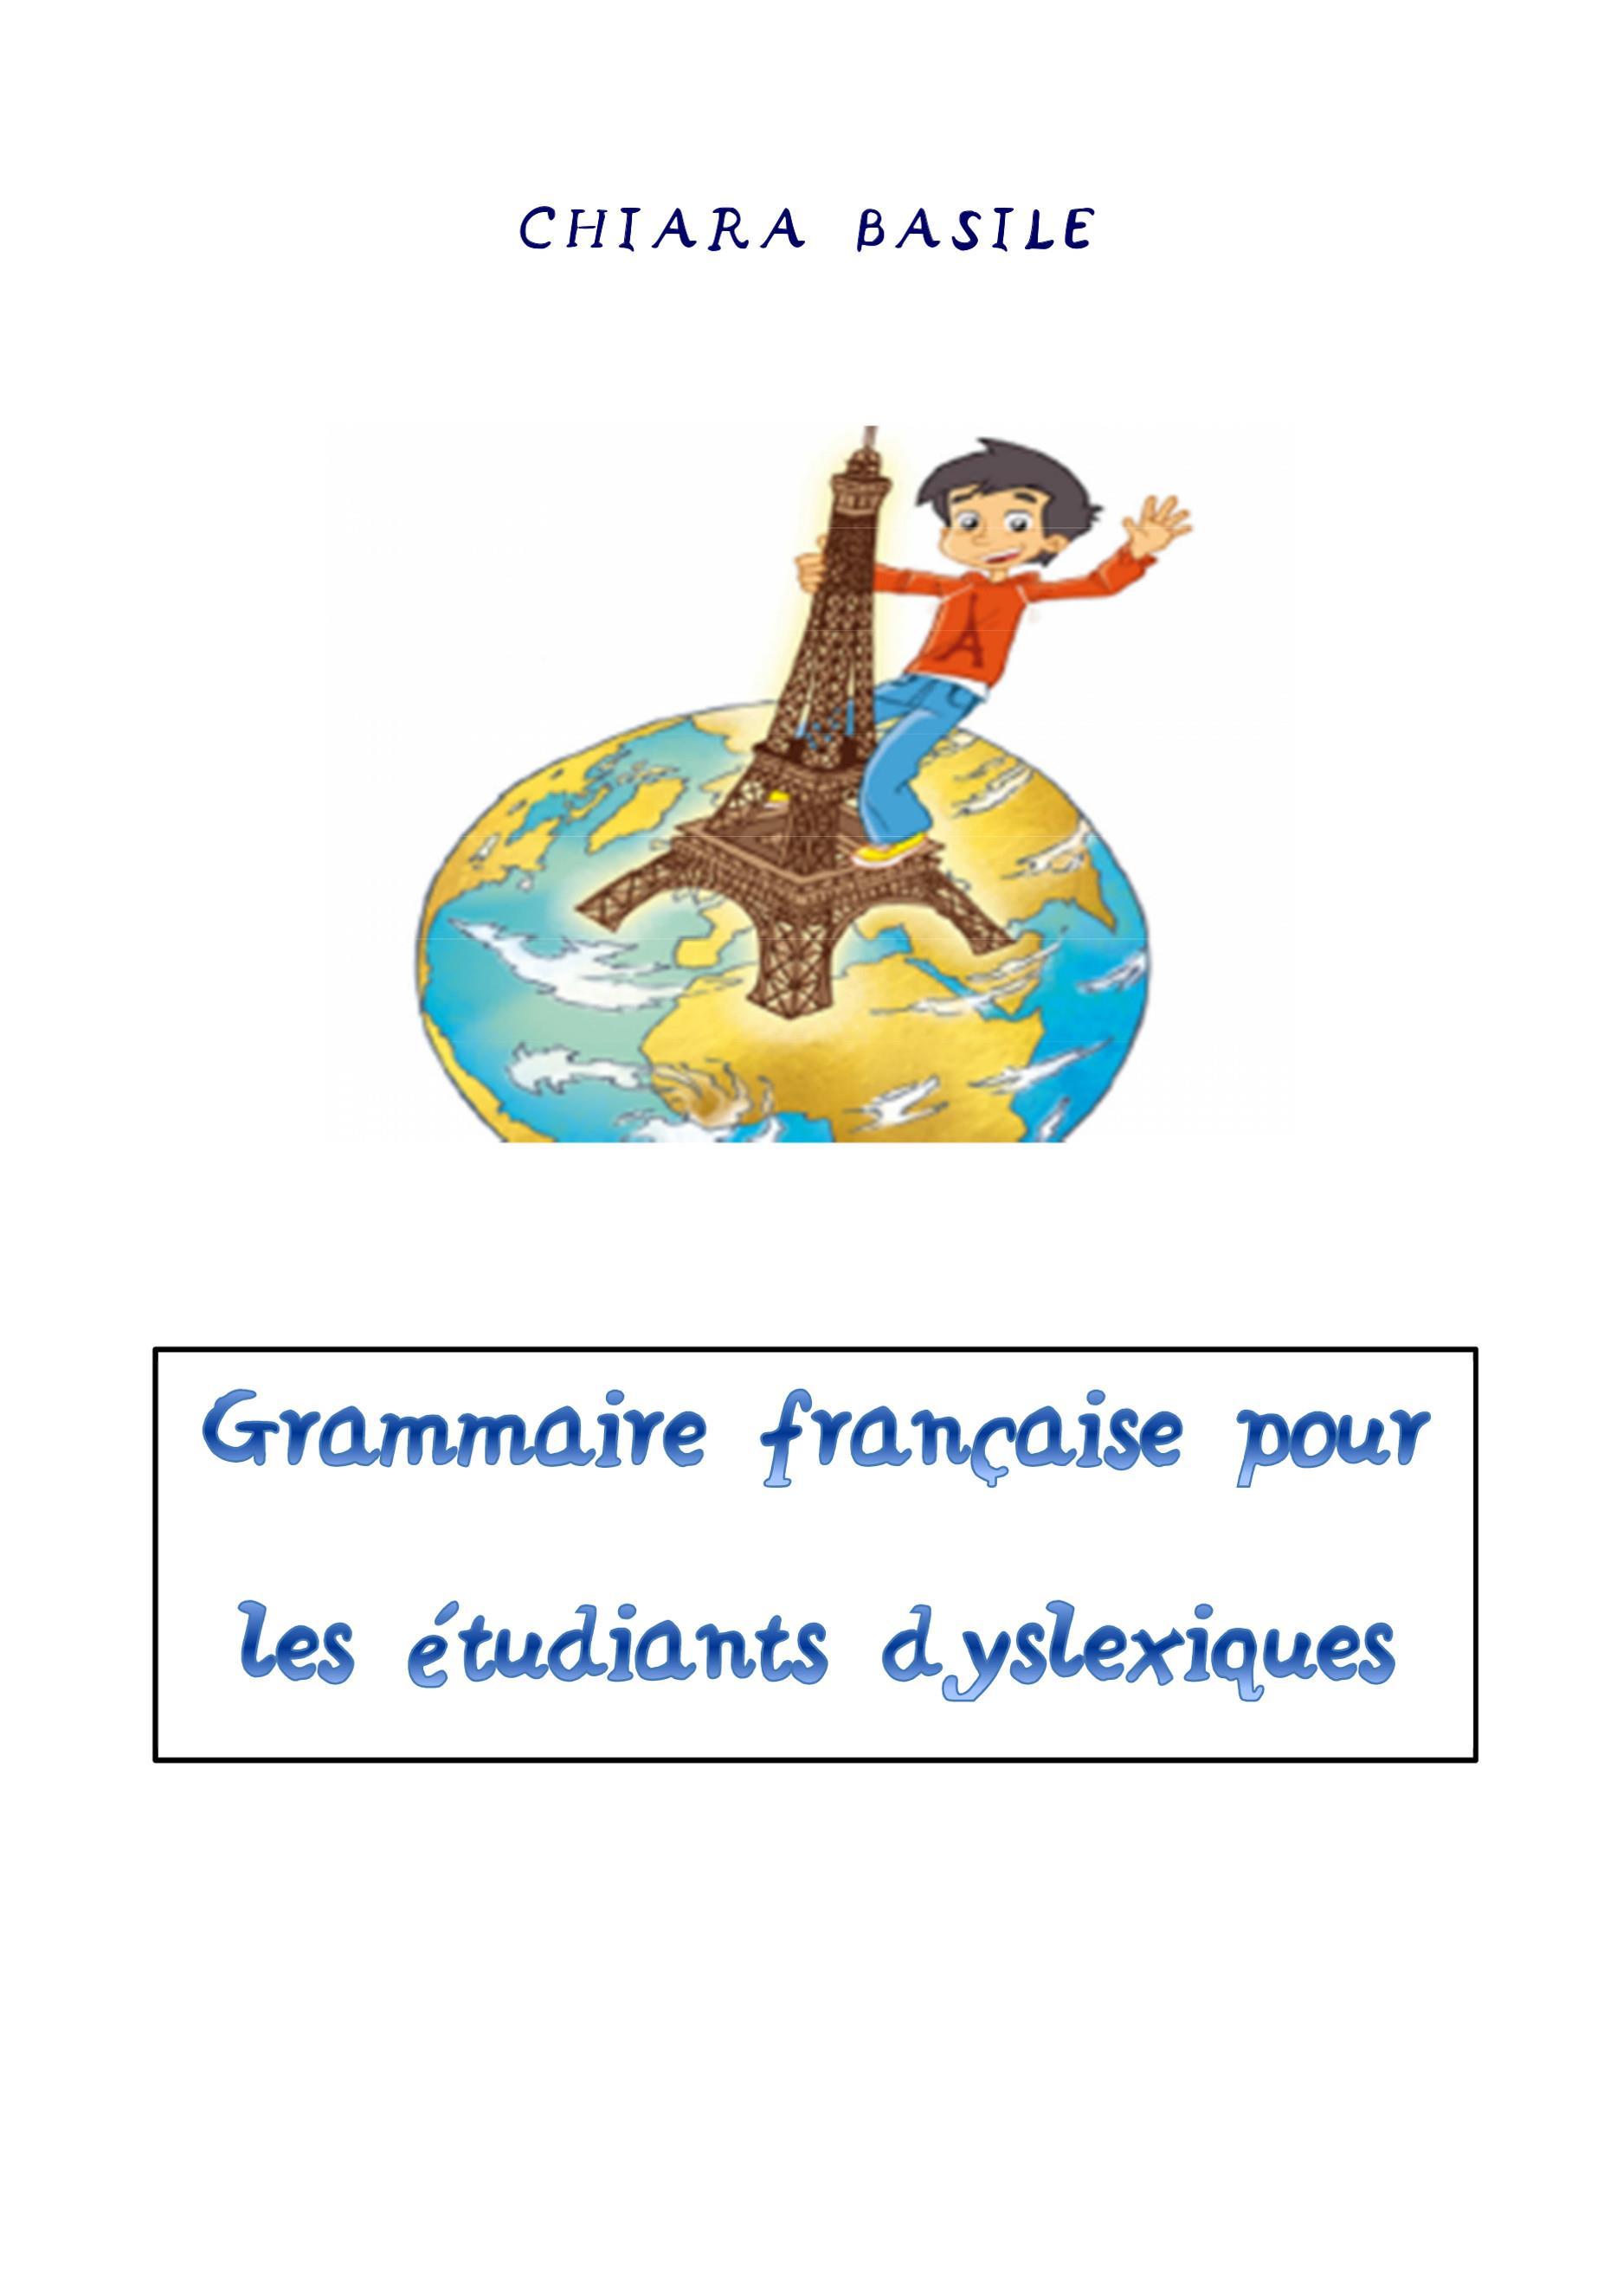 Grammaire française pour l'étudiants dyslexiques